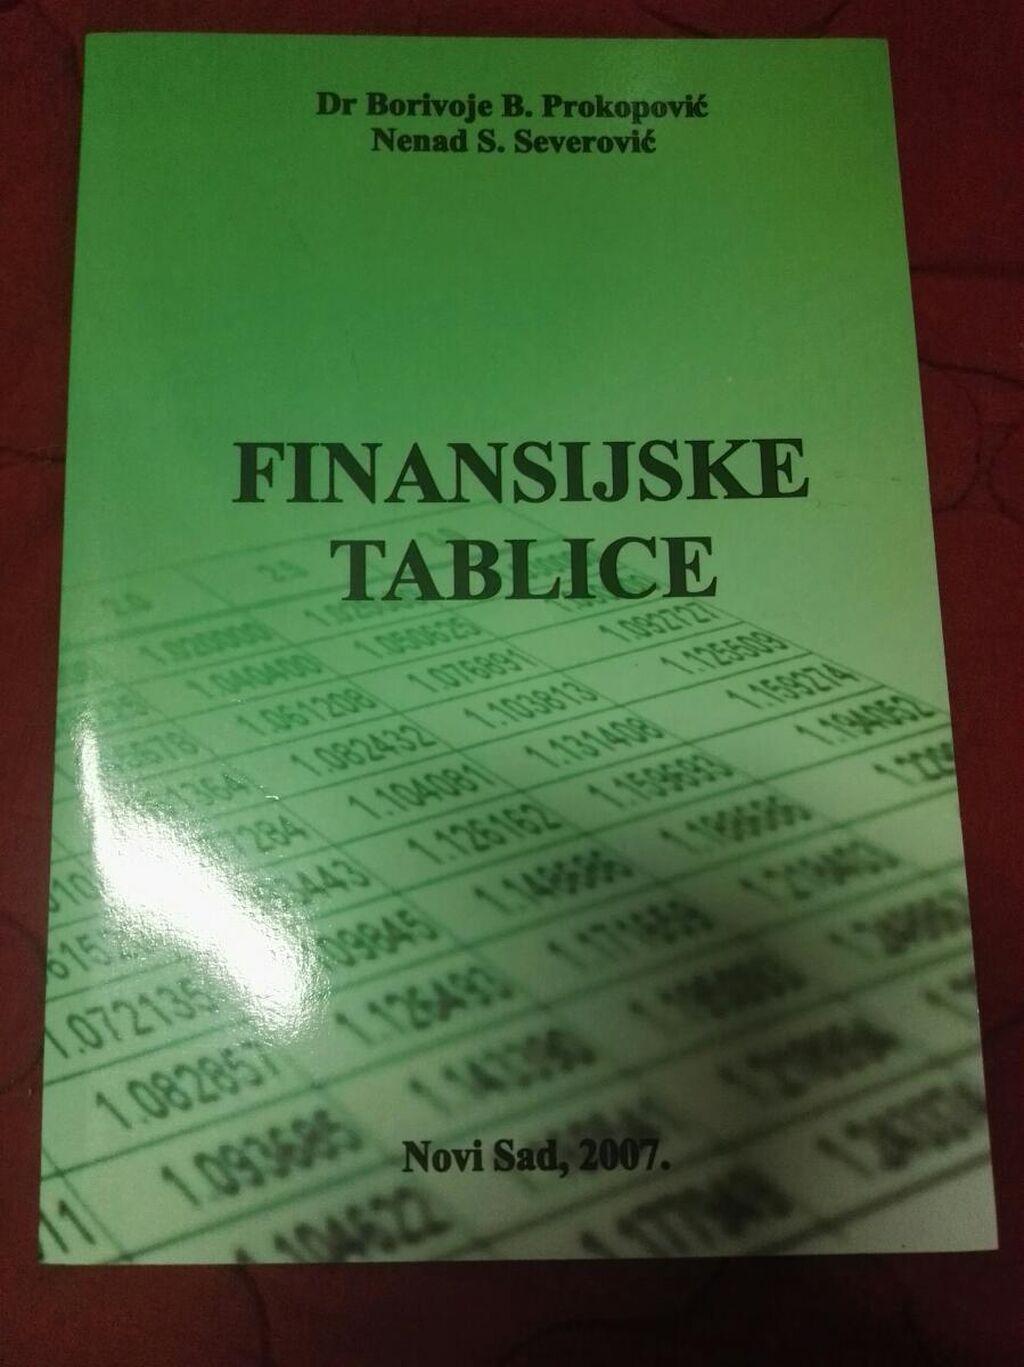 Finansijske tablice